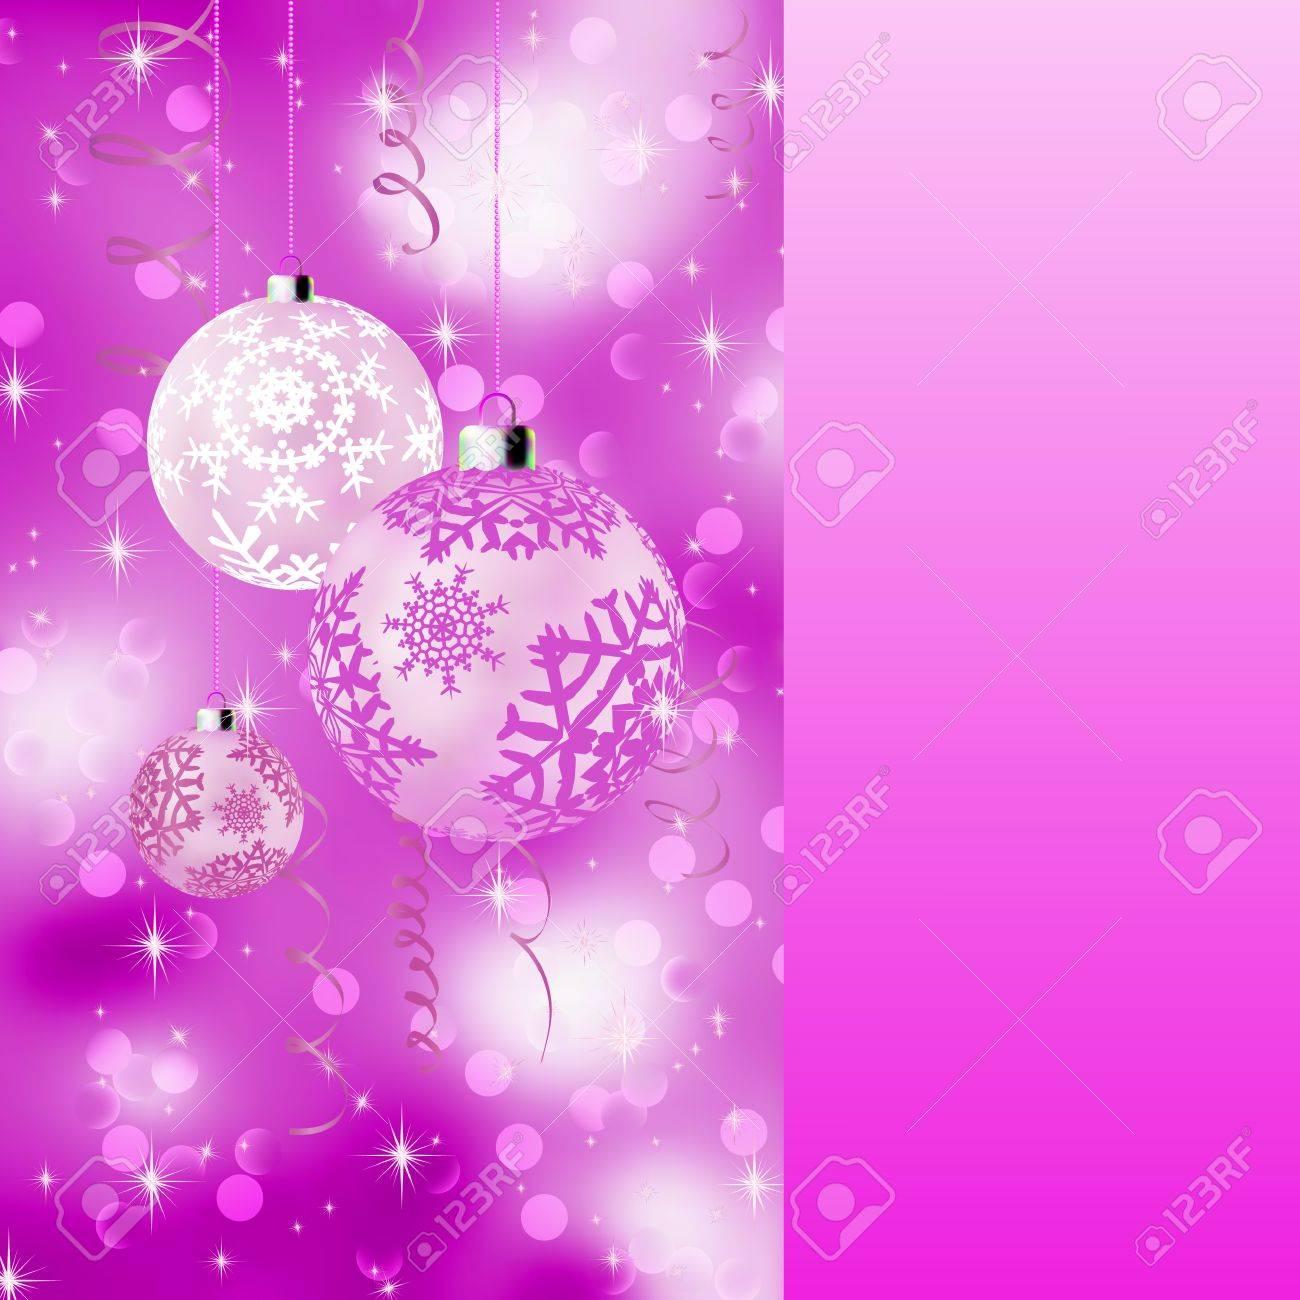 Weihnachtskugeln Pink.Pink Karte Mit Weihnachtskugeln Eps 8 Vektor Datei Enthalten